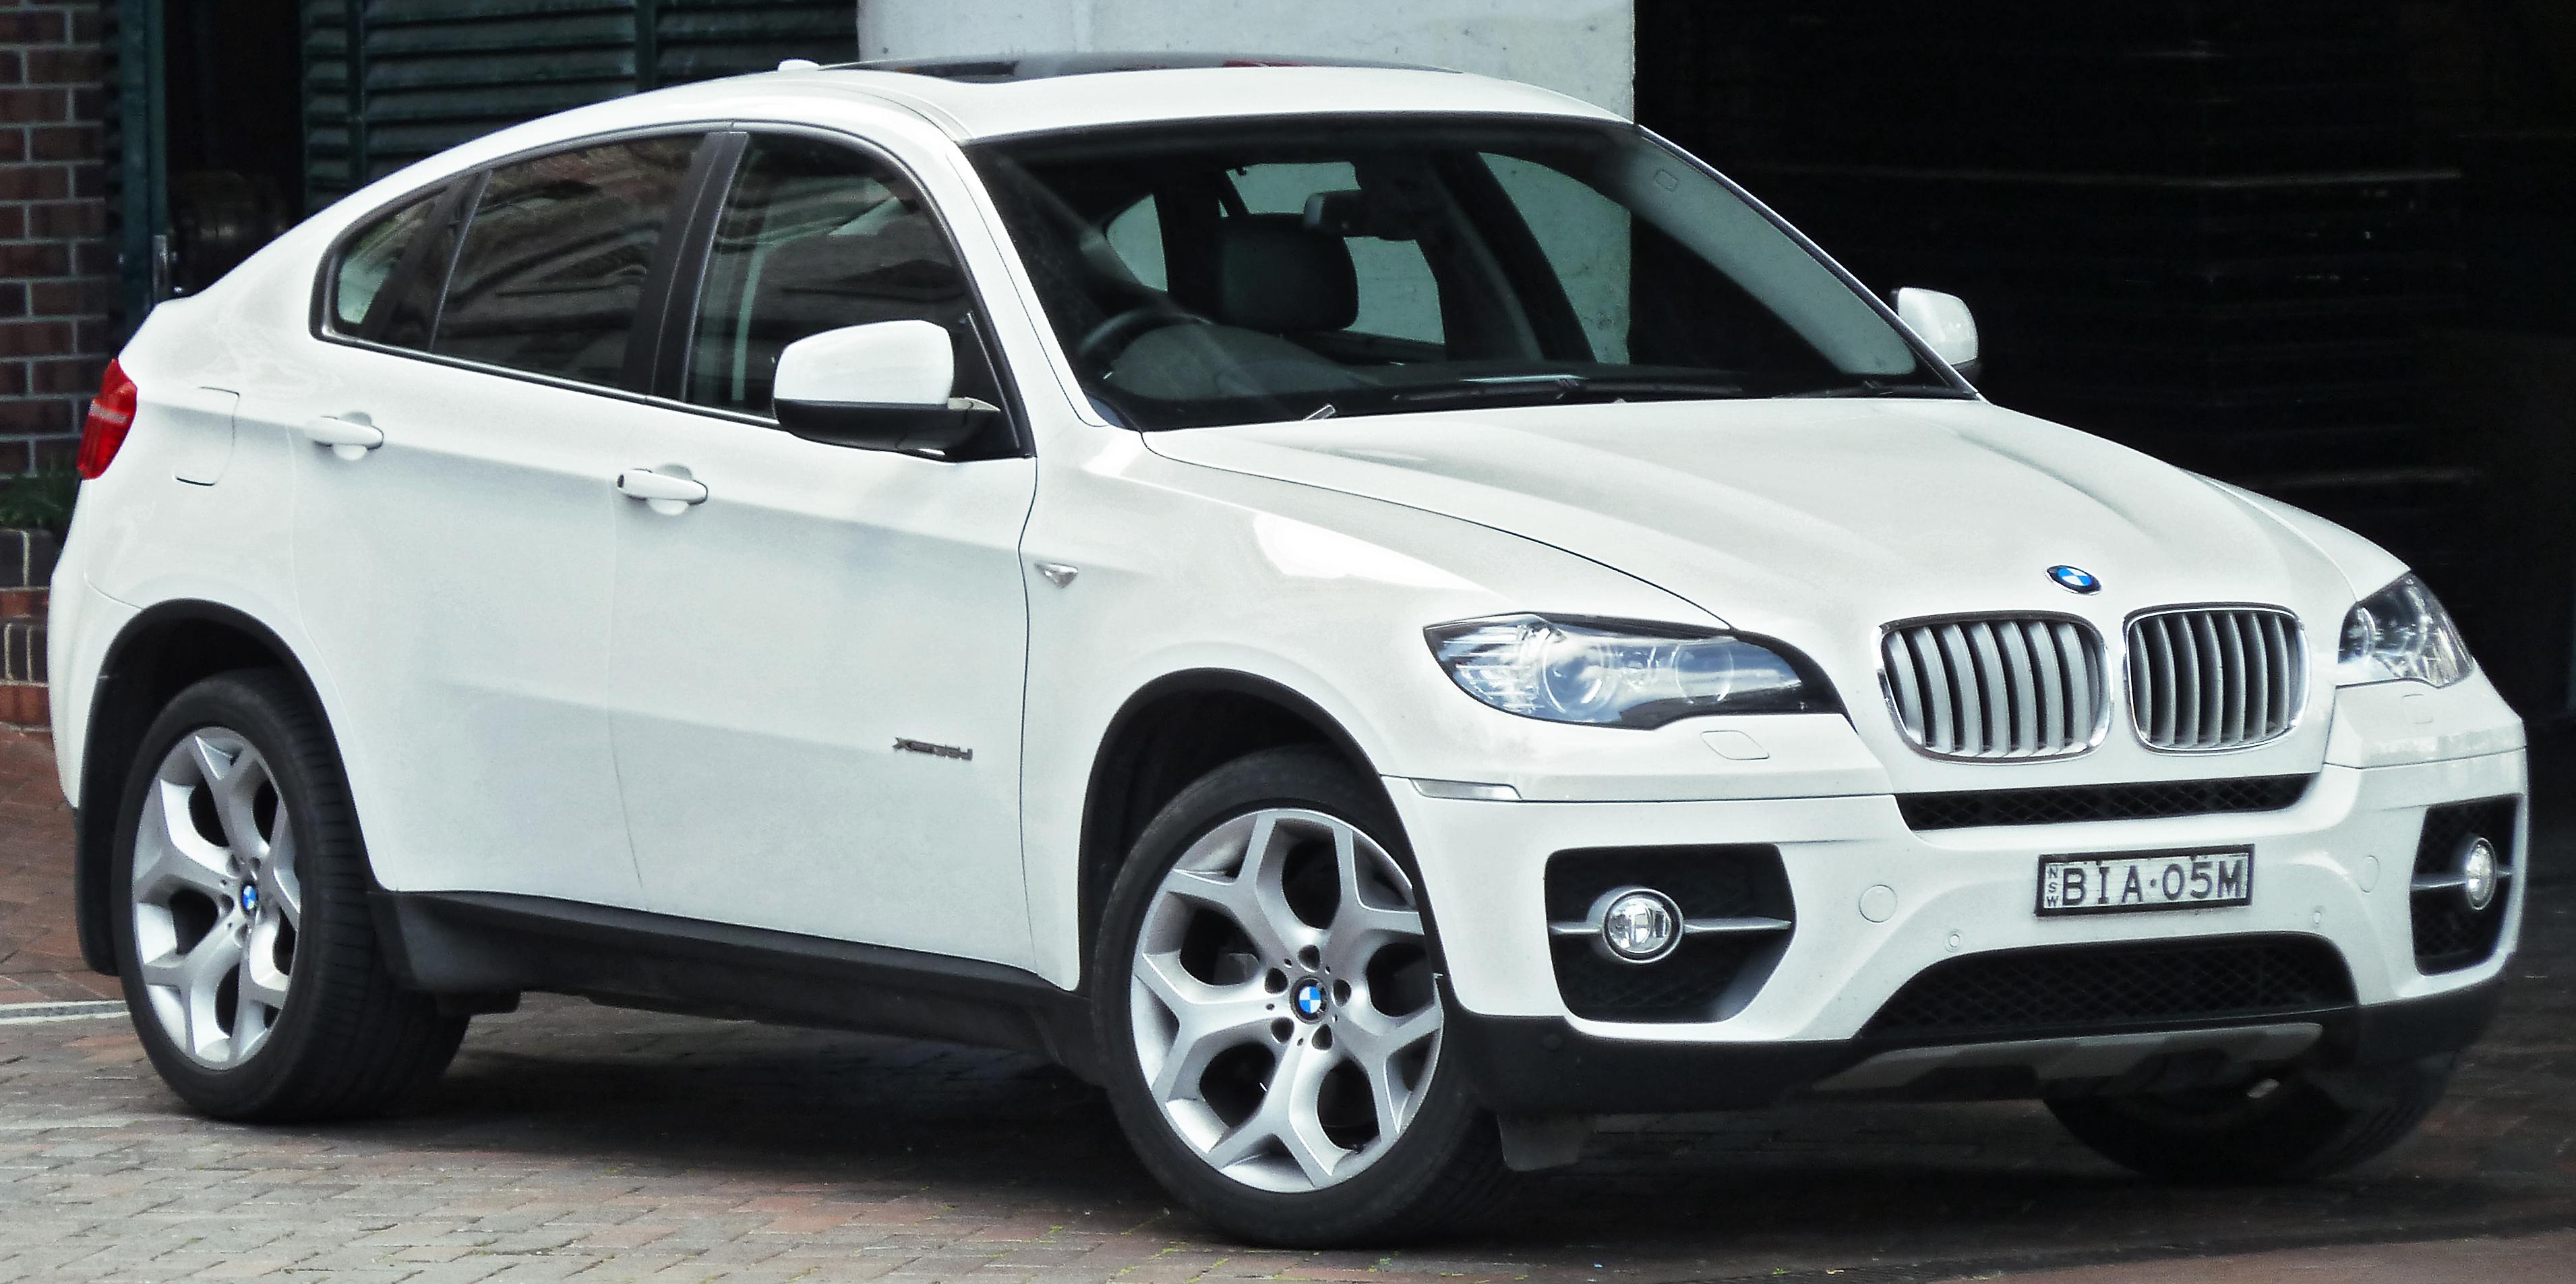 BMW X6 topcarsscom 3821x1904